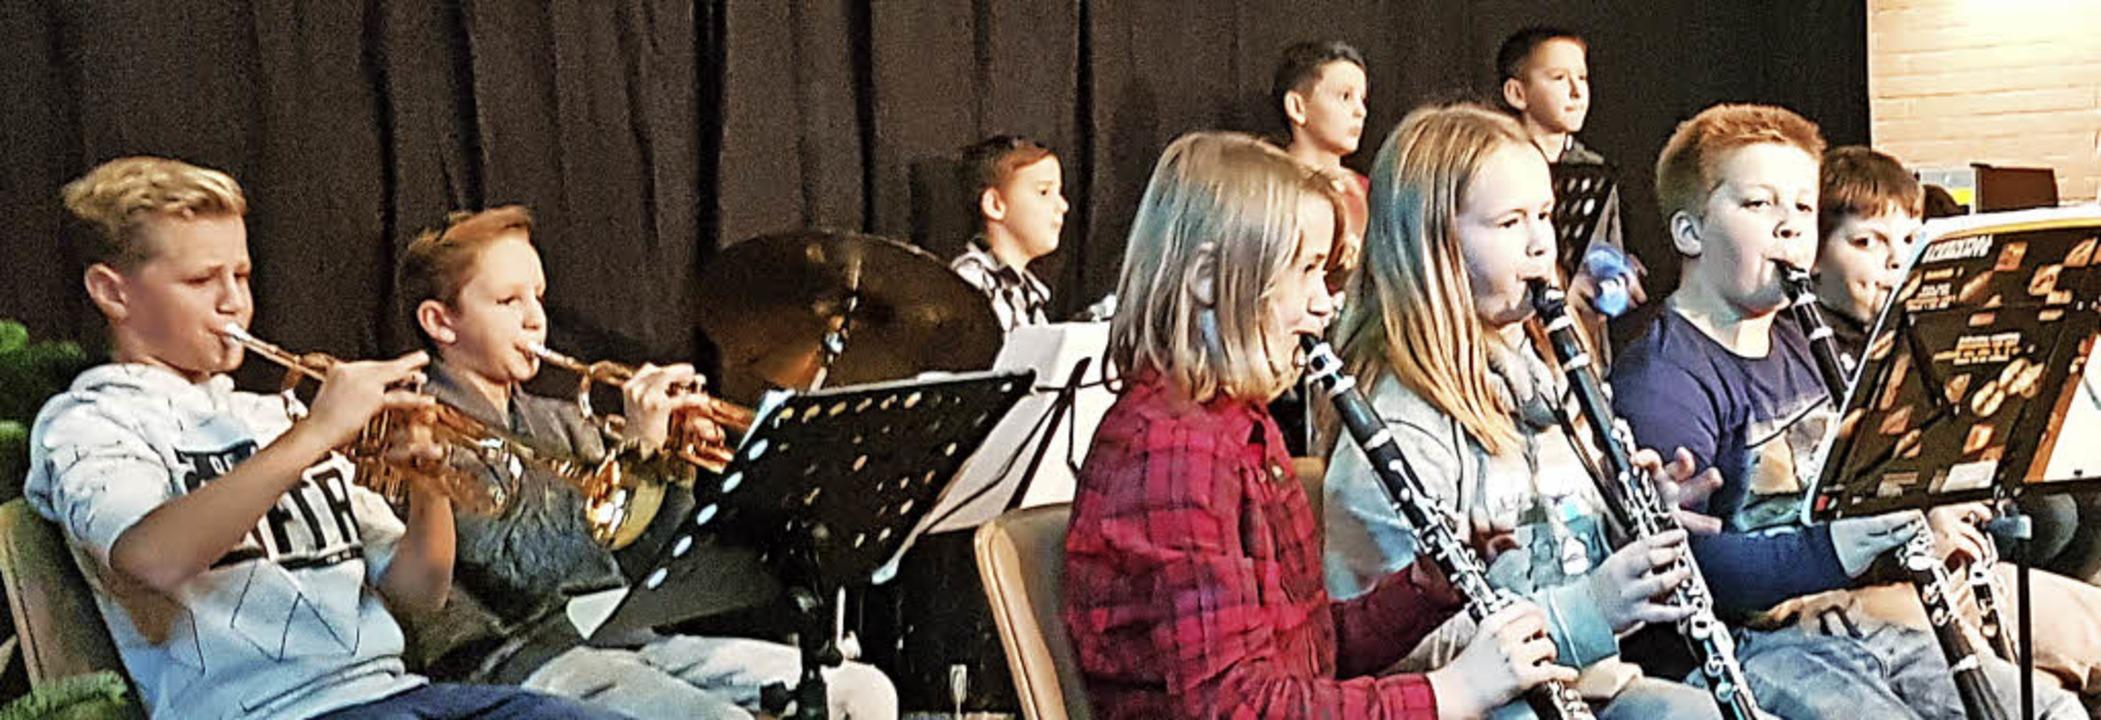 Das musikalische Zusammenspiel fördert auch das soziale Miteinander.   | Foto: Privat